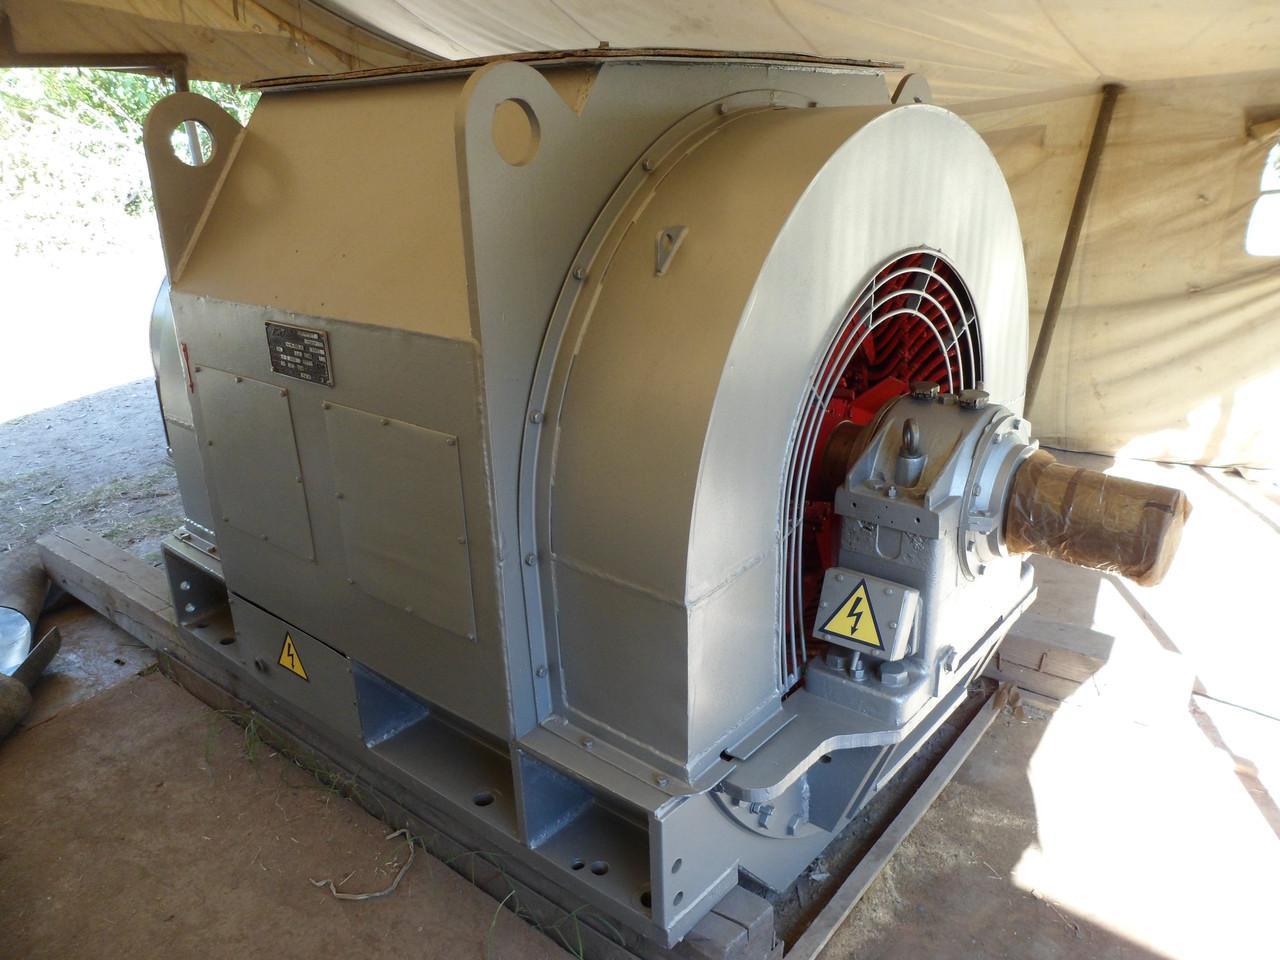 Внешний вид производственной синхронной генерирующей машины переменного тока модели СГС-14-100-6